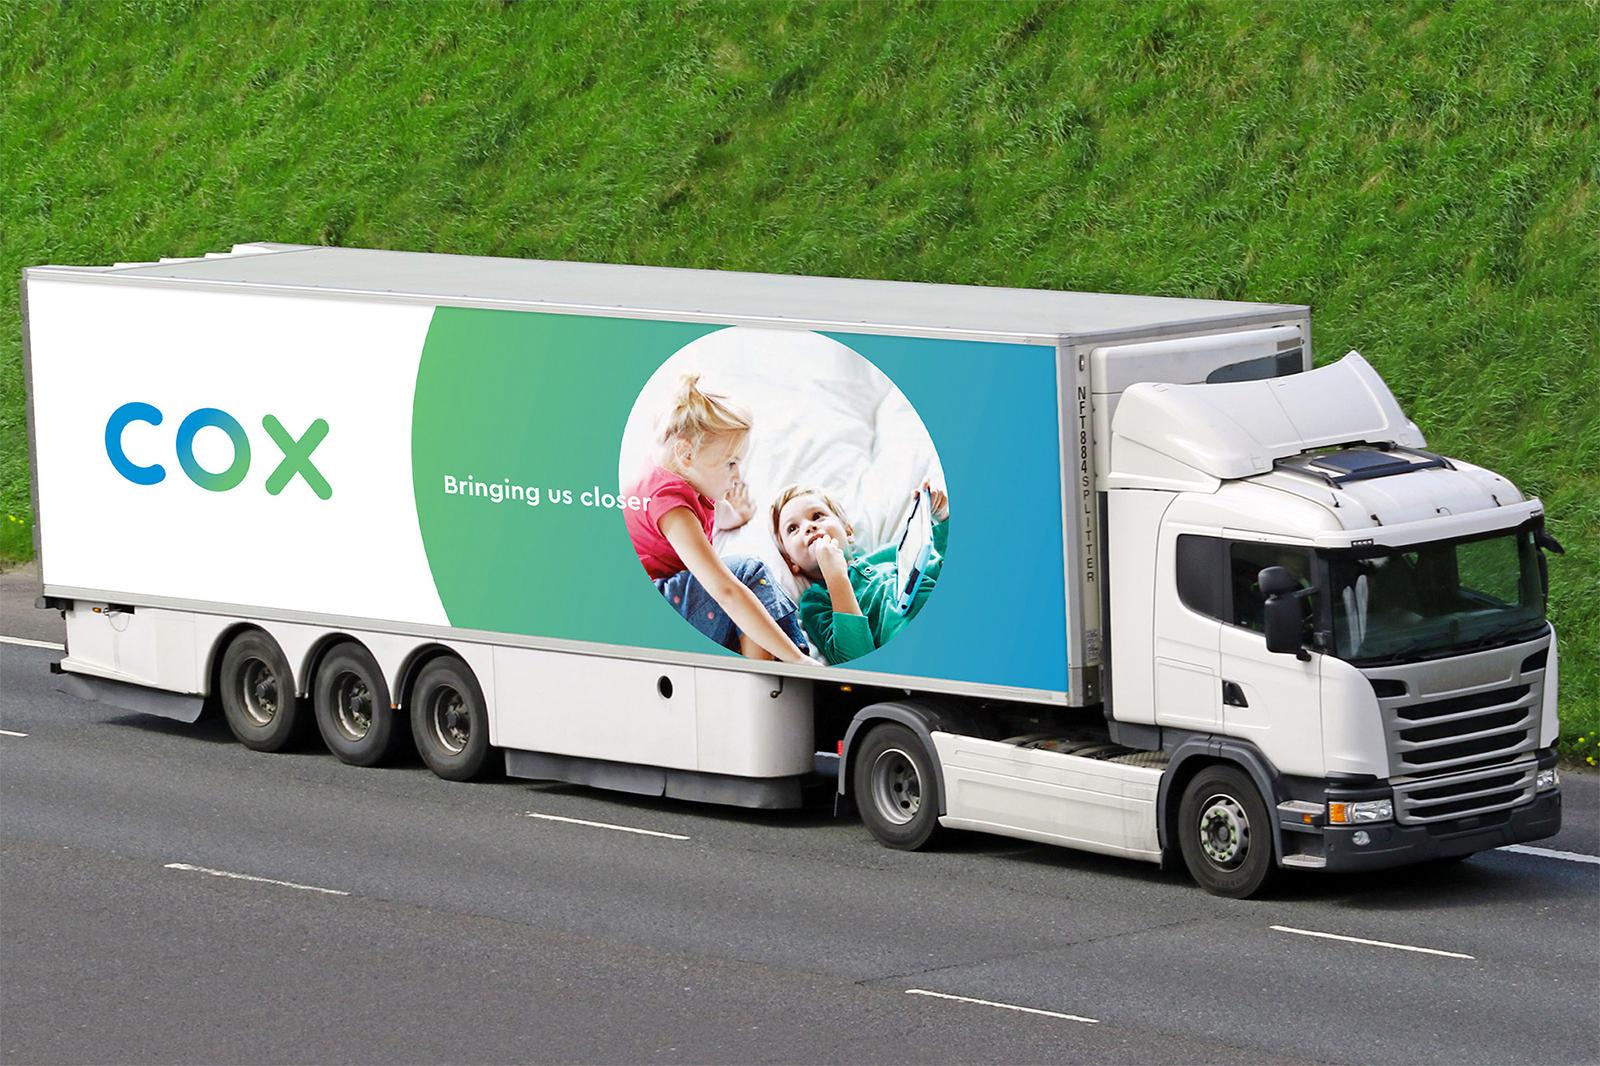 Cox通信品牌更新全新的品牌VI视觉形象设计-深圳VI设计5